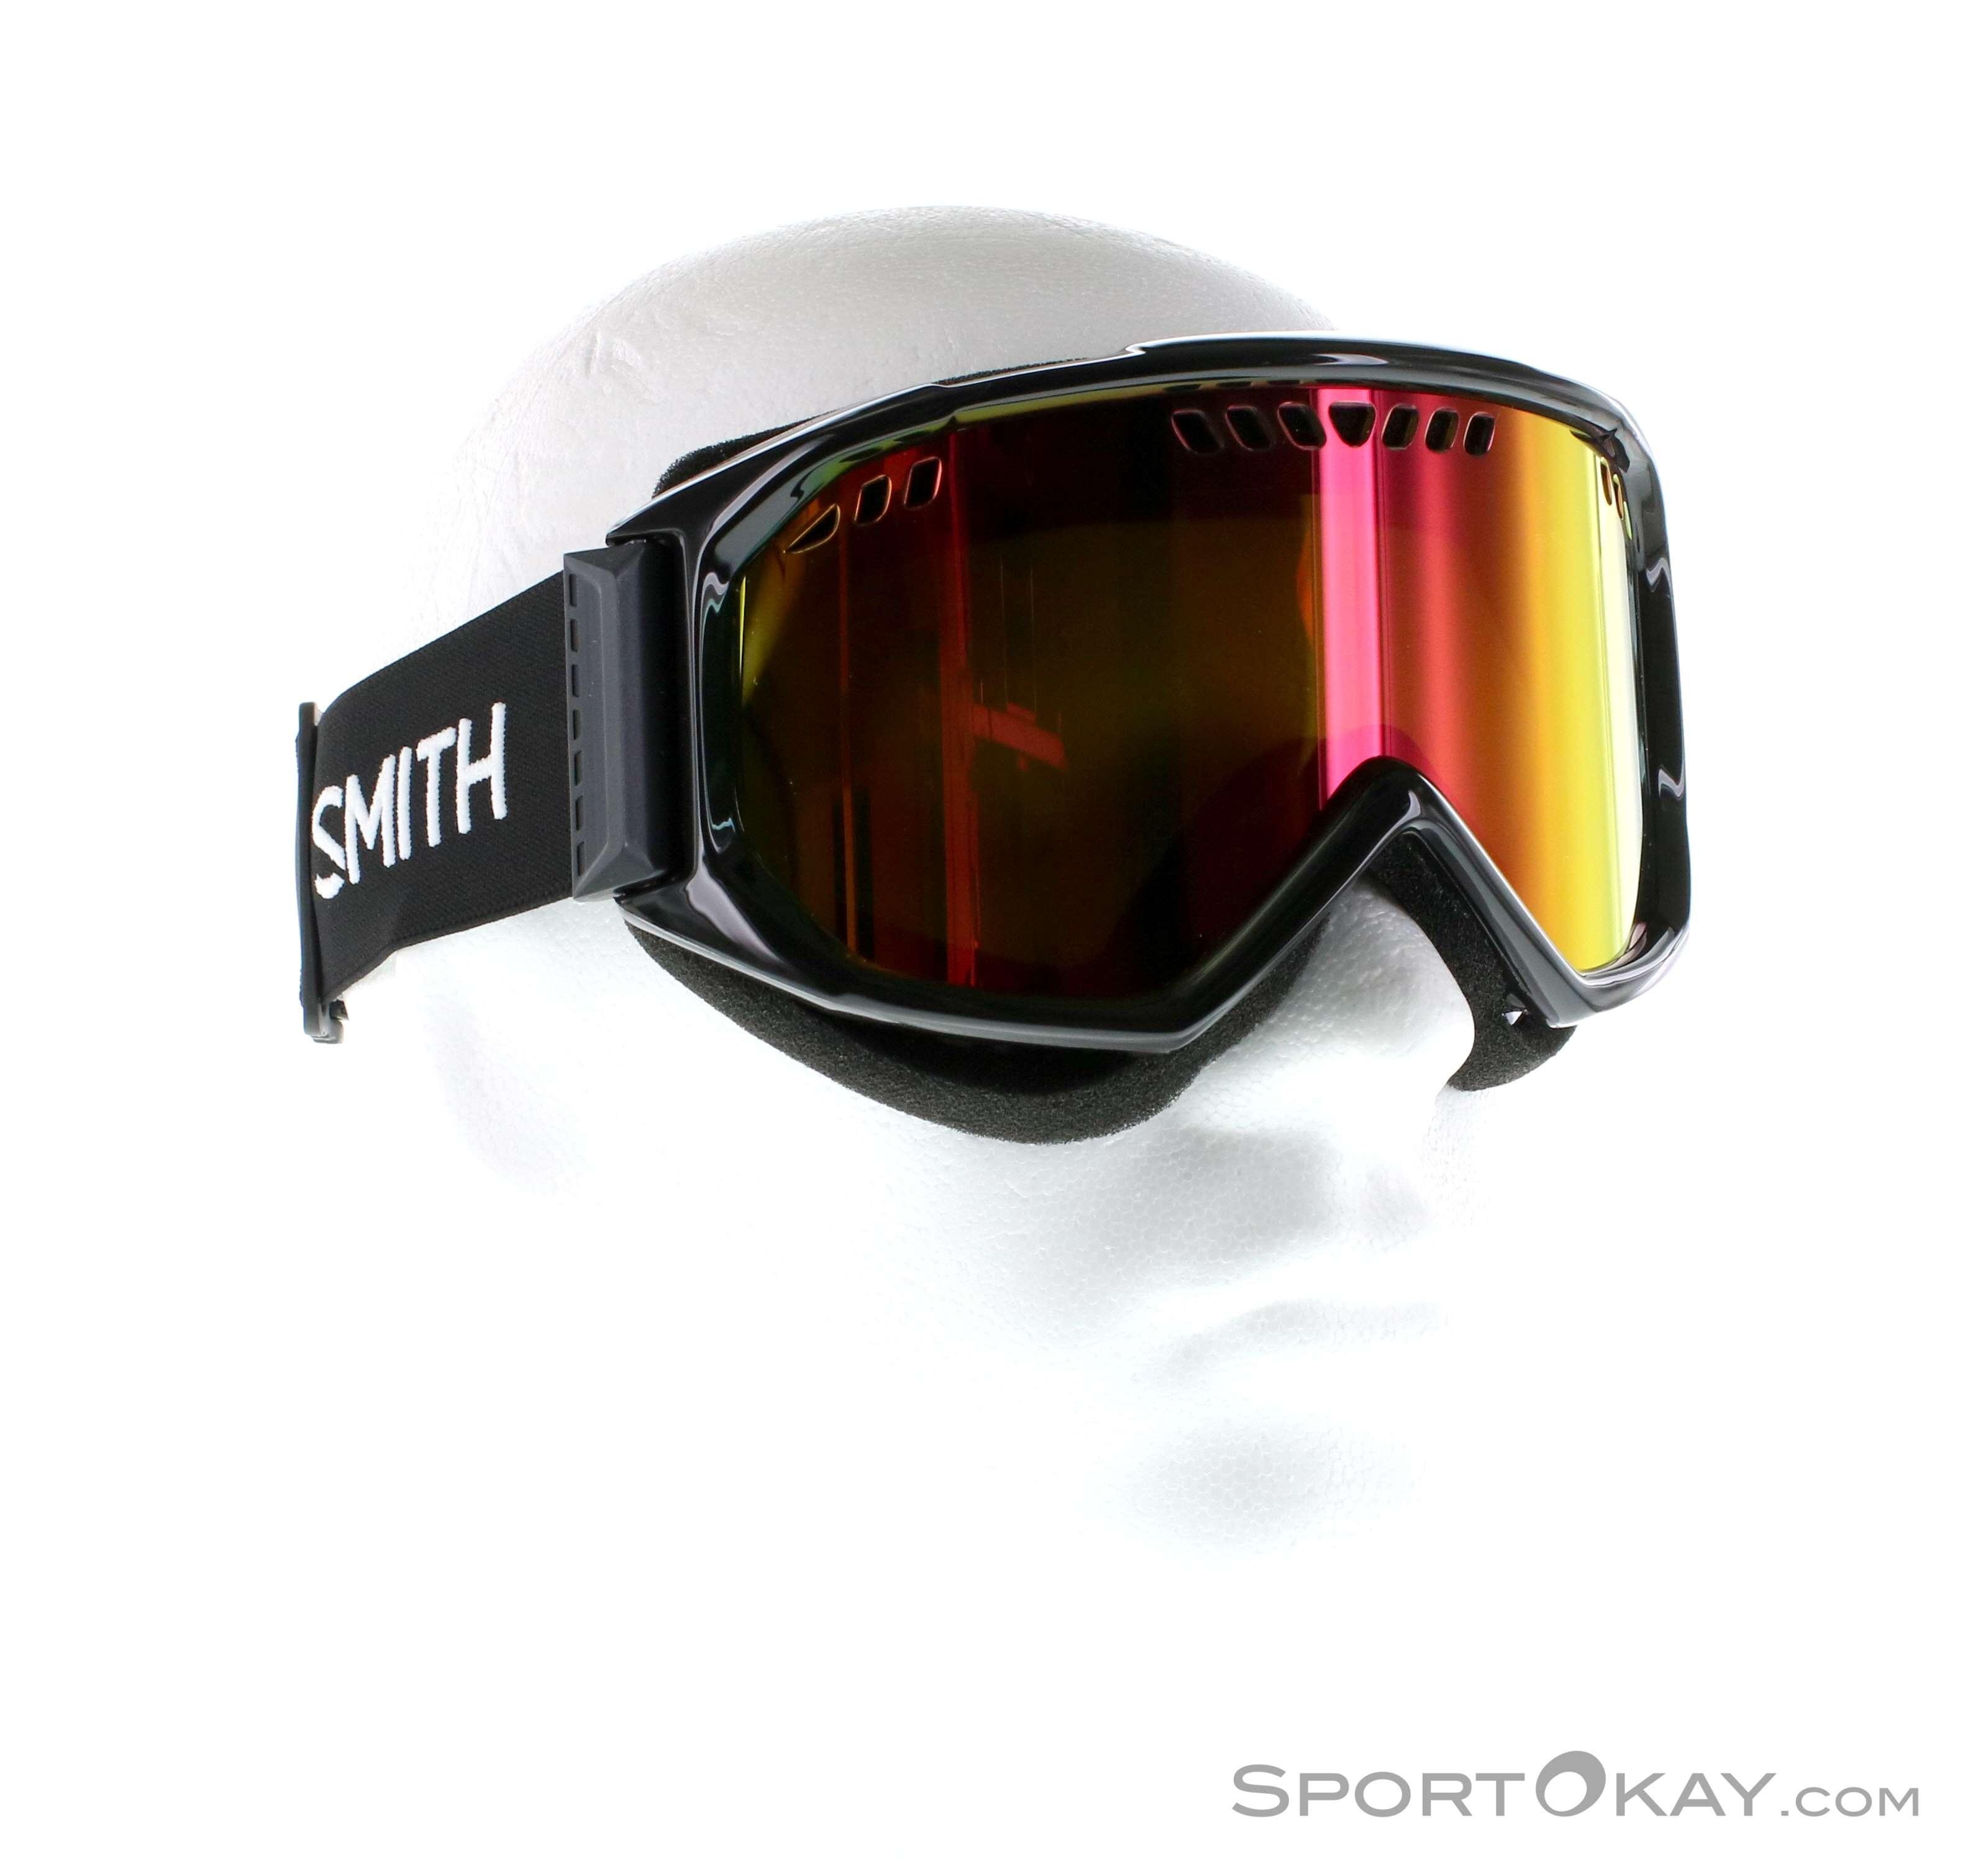 Smith Scope Skibrille, Smith, Schwarz, , Herren, 0058-10038, 5637519665, 715757475222, N1-01.jpg